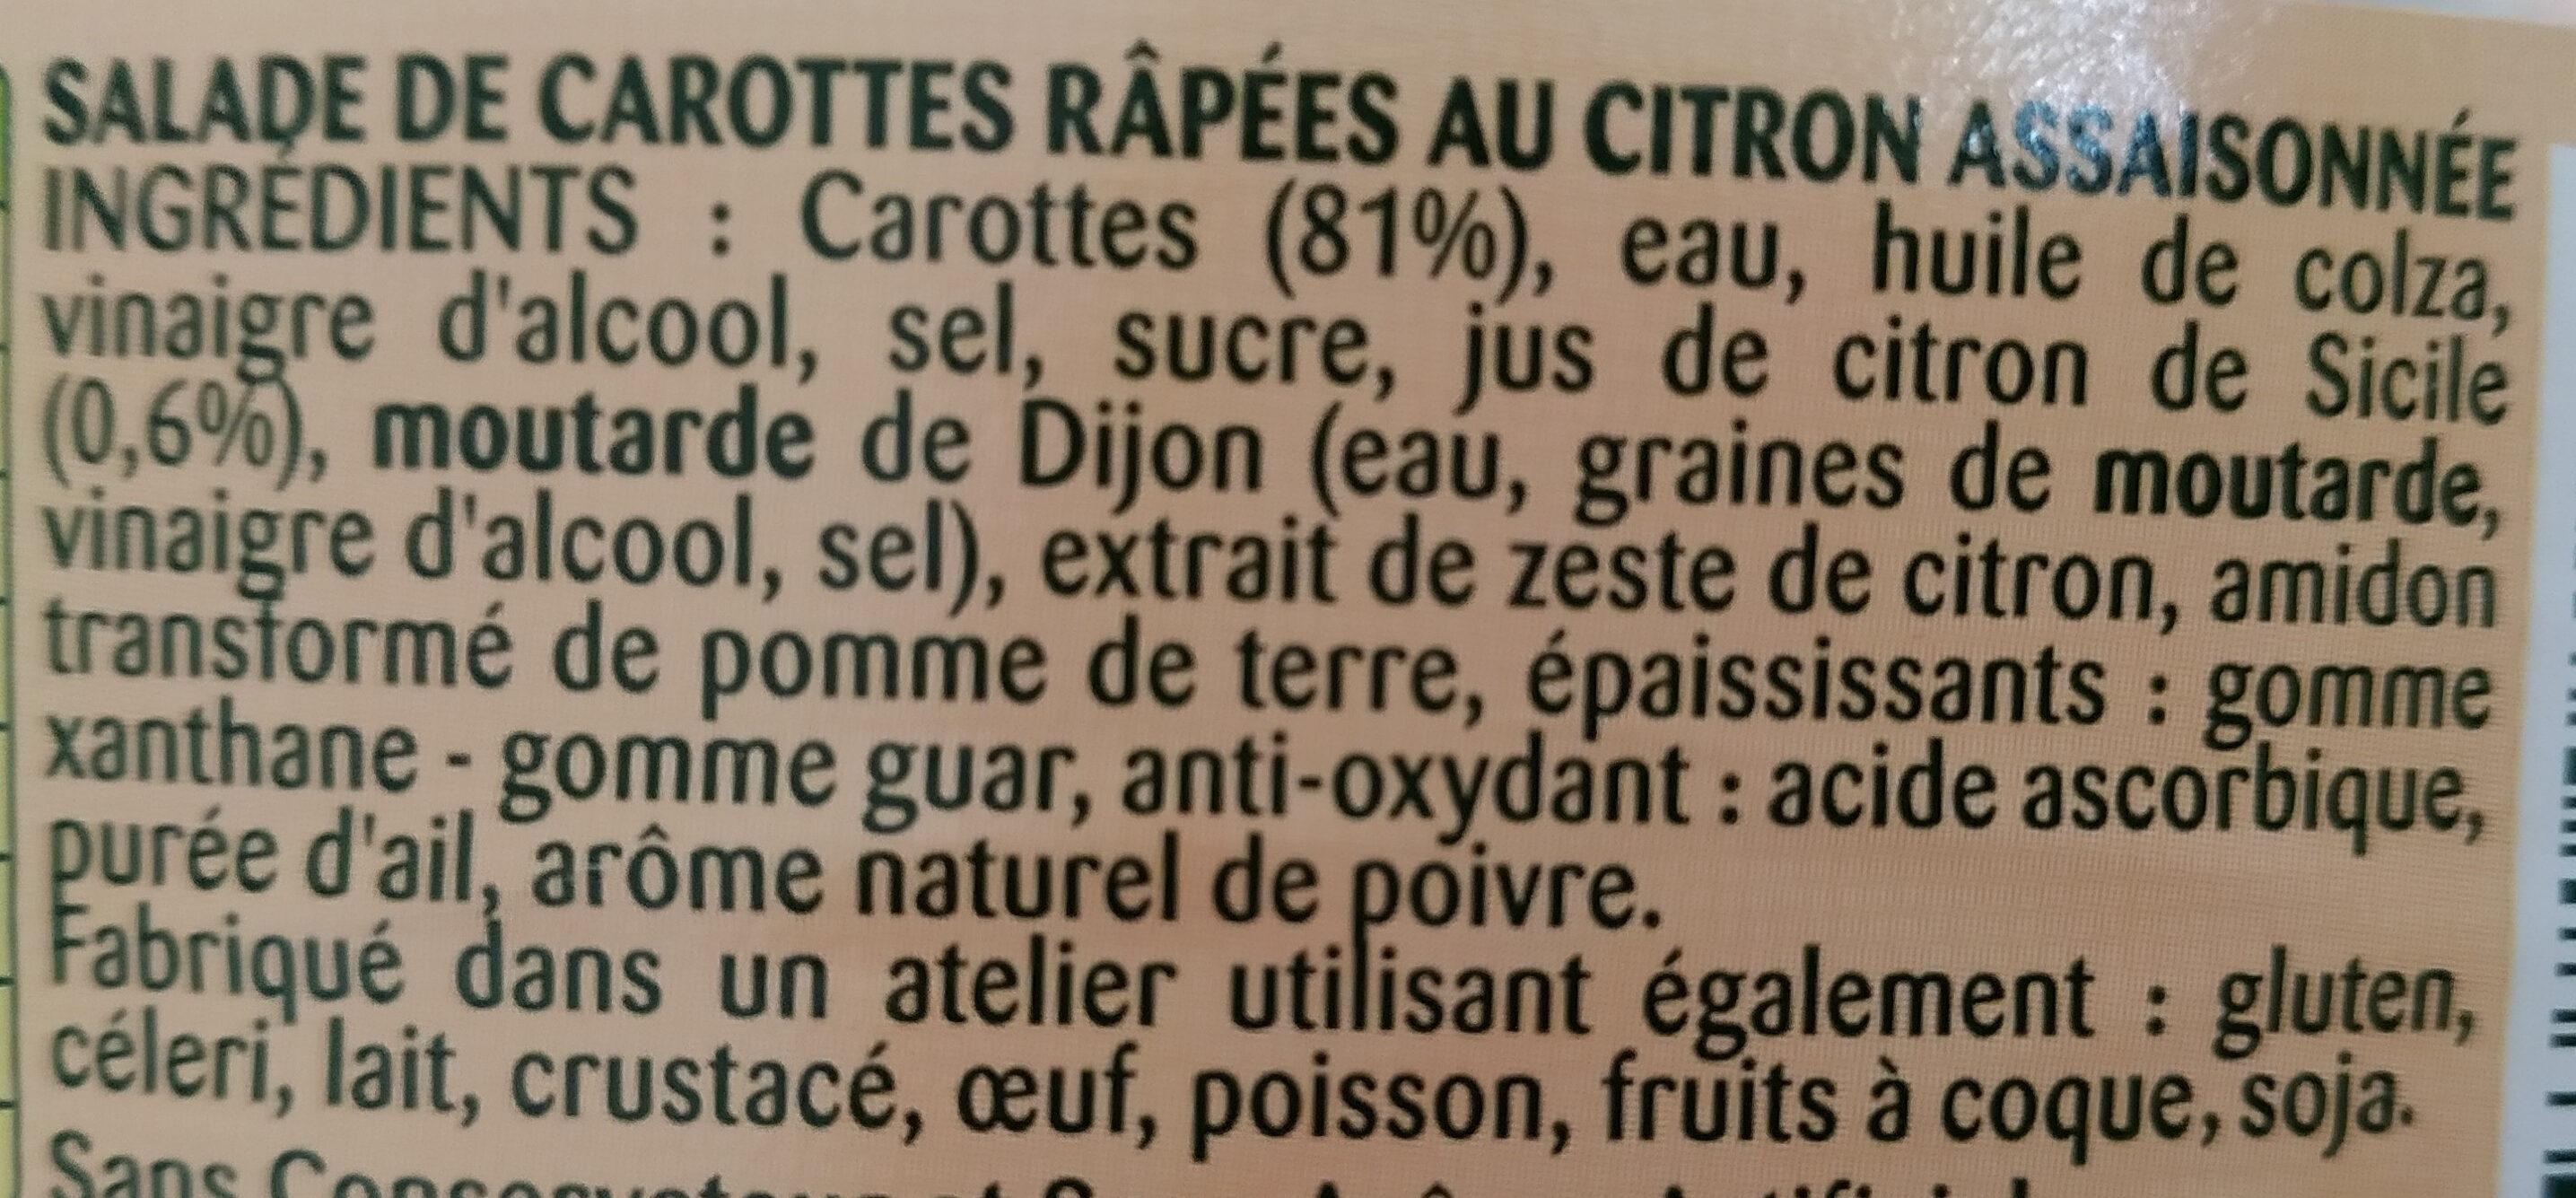 Carotte râpées - Ingrédients - fr